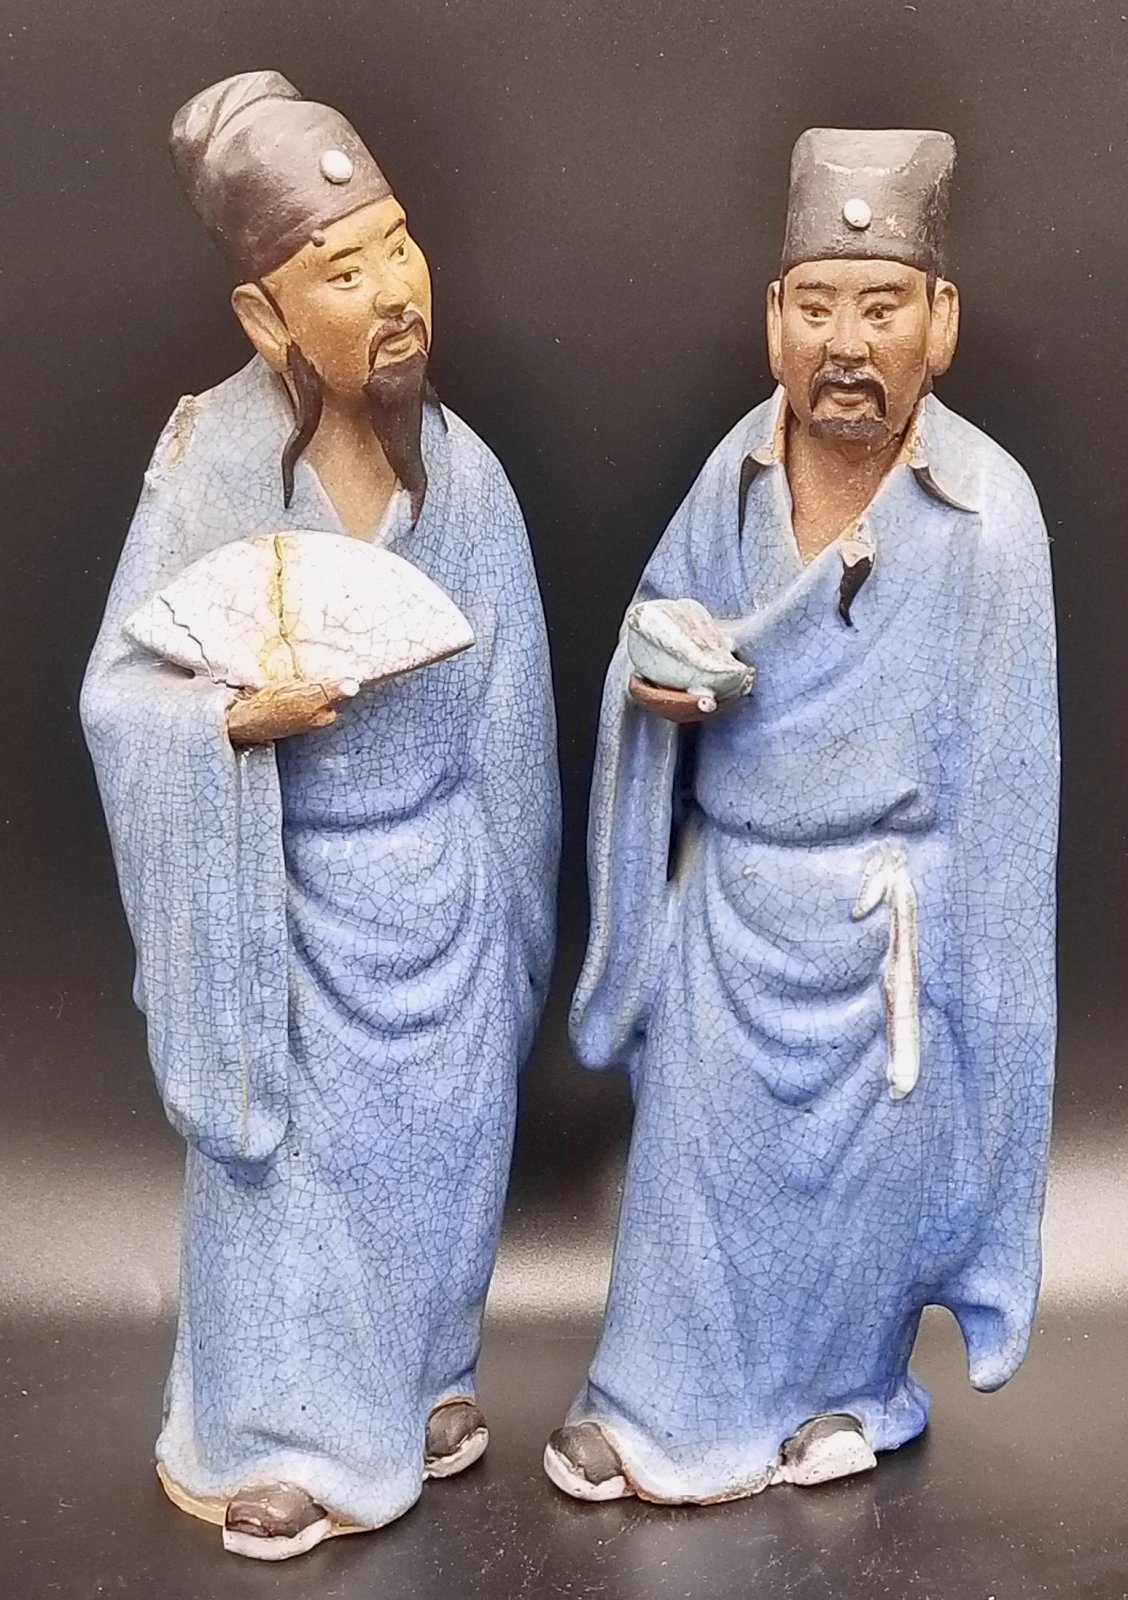 Pair of Chinese ceramic wisemen / mud men PXY